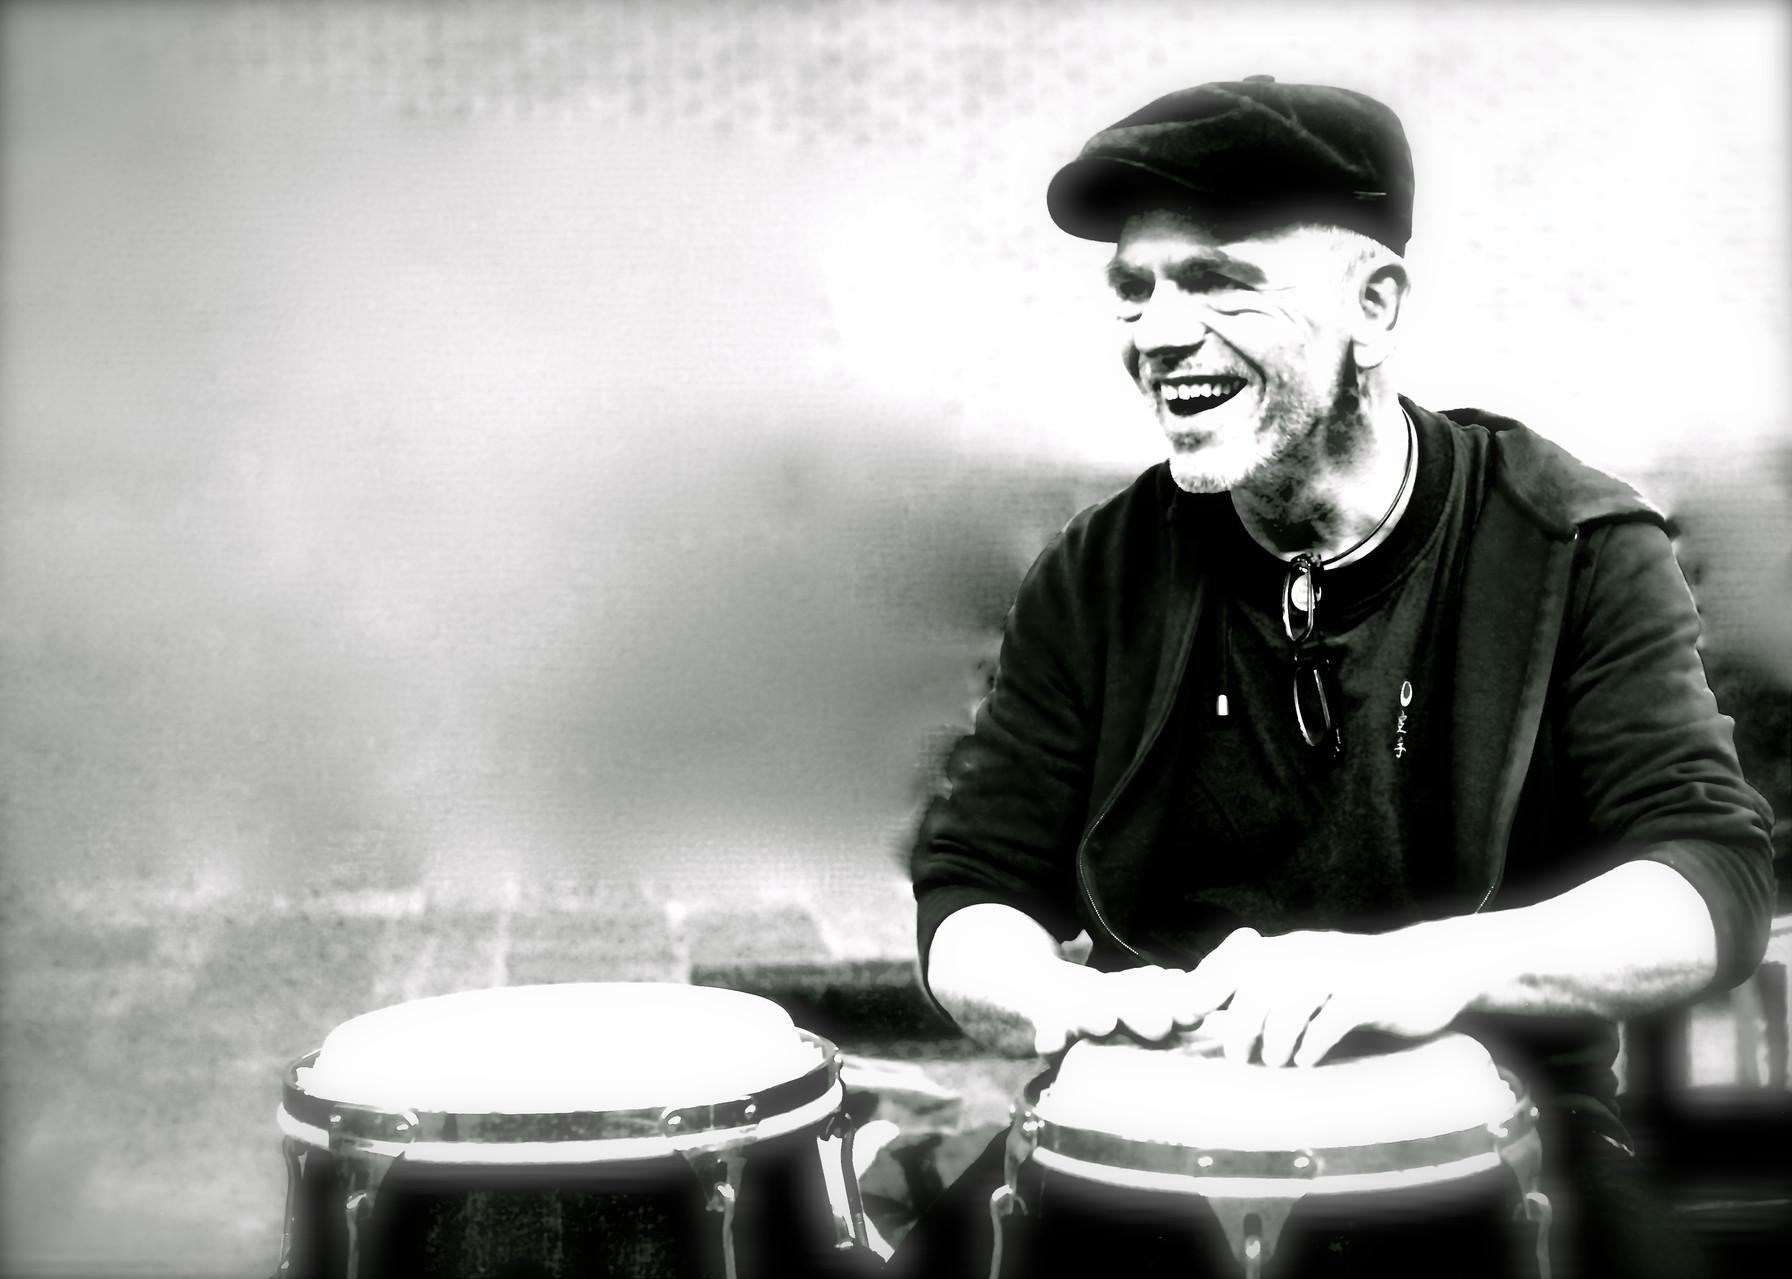 Burkard Wittlief (Perkussion) Die Musiker der Band von ulf hartmann. Livemusik (Singer-Songwriter) aus Braunschweig. Foto: Udo Eisenbarth